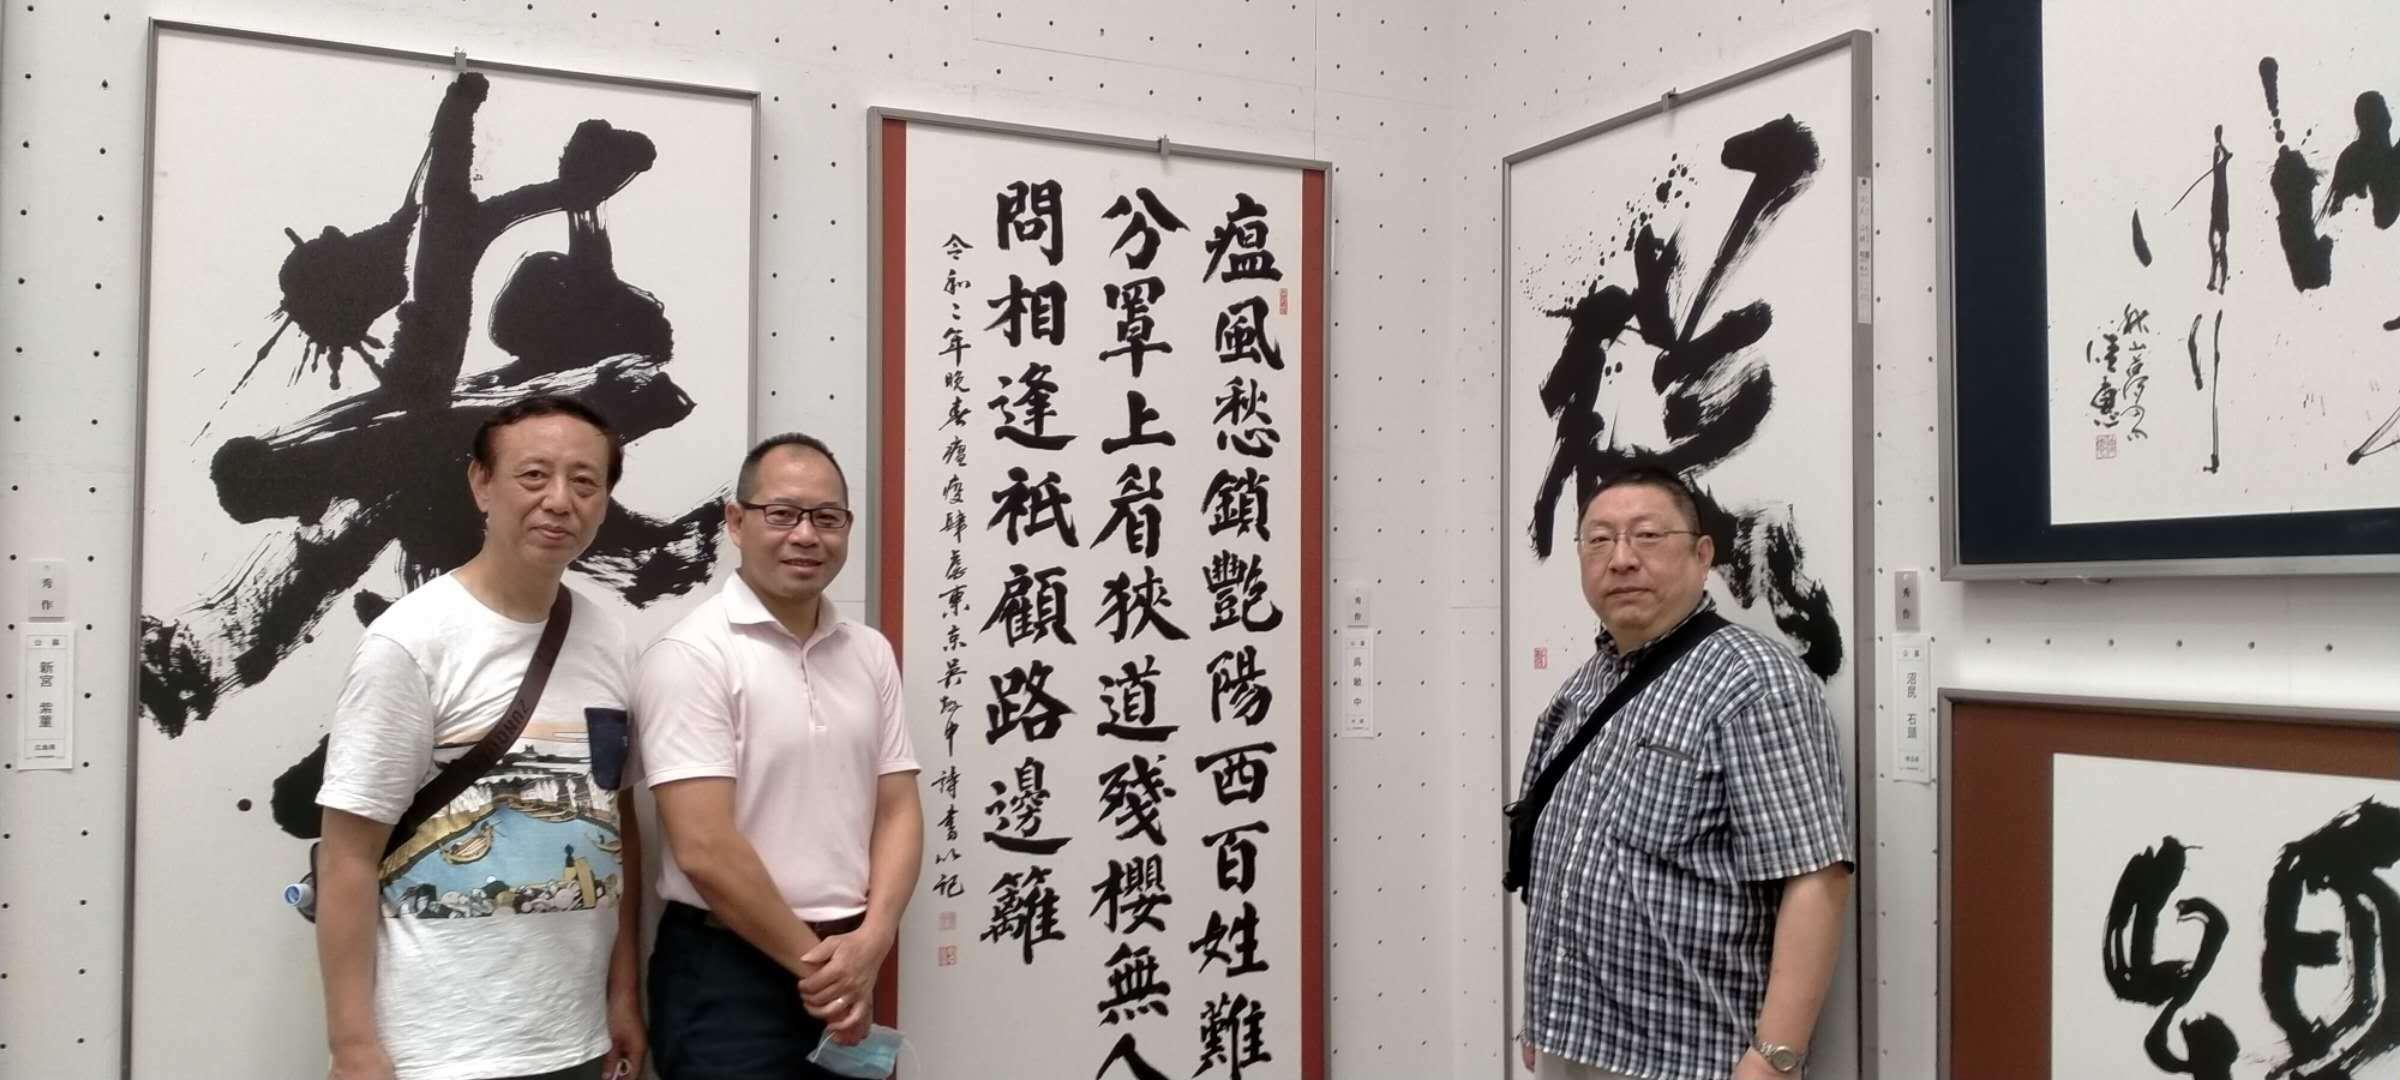 跟晋鸥老师参观第37届产经国际书展_d0007589_10423373.jpg